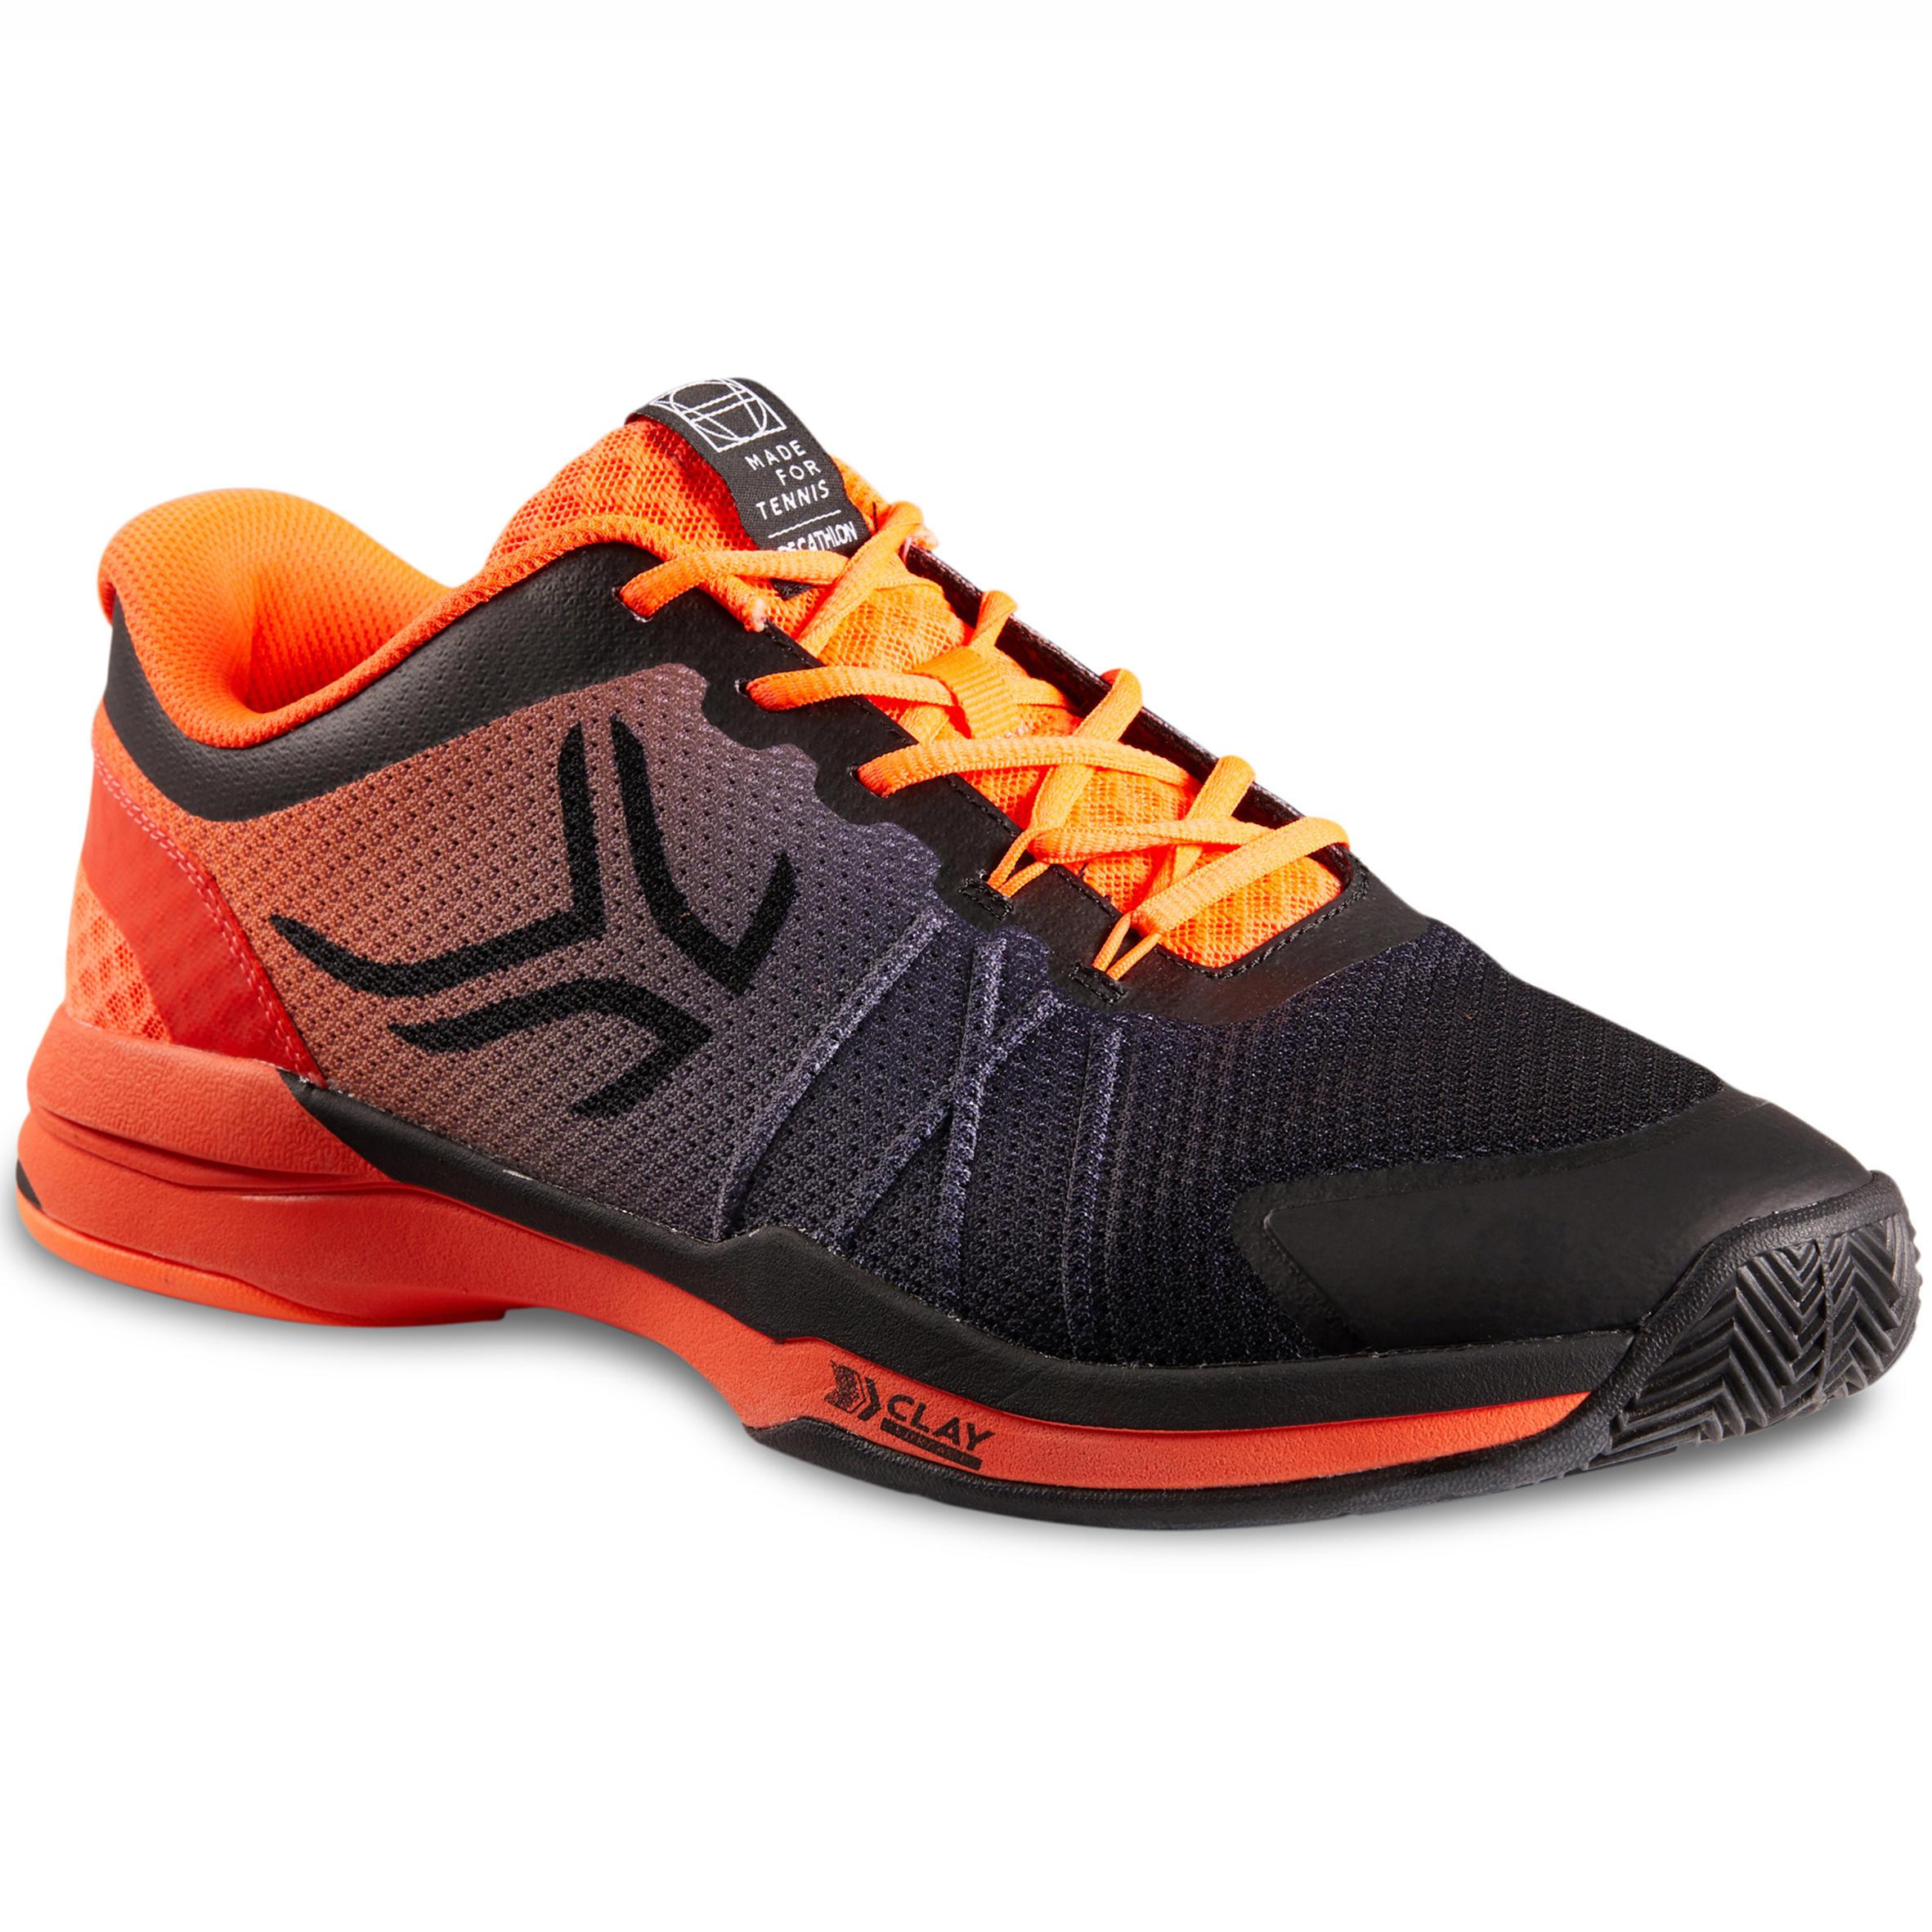 Tennisschuhe TS590 Sandplatz Herren schwarz/orange | Schuhe > Sportschuhe | Artengo